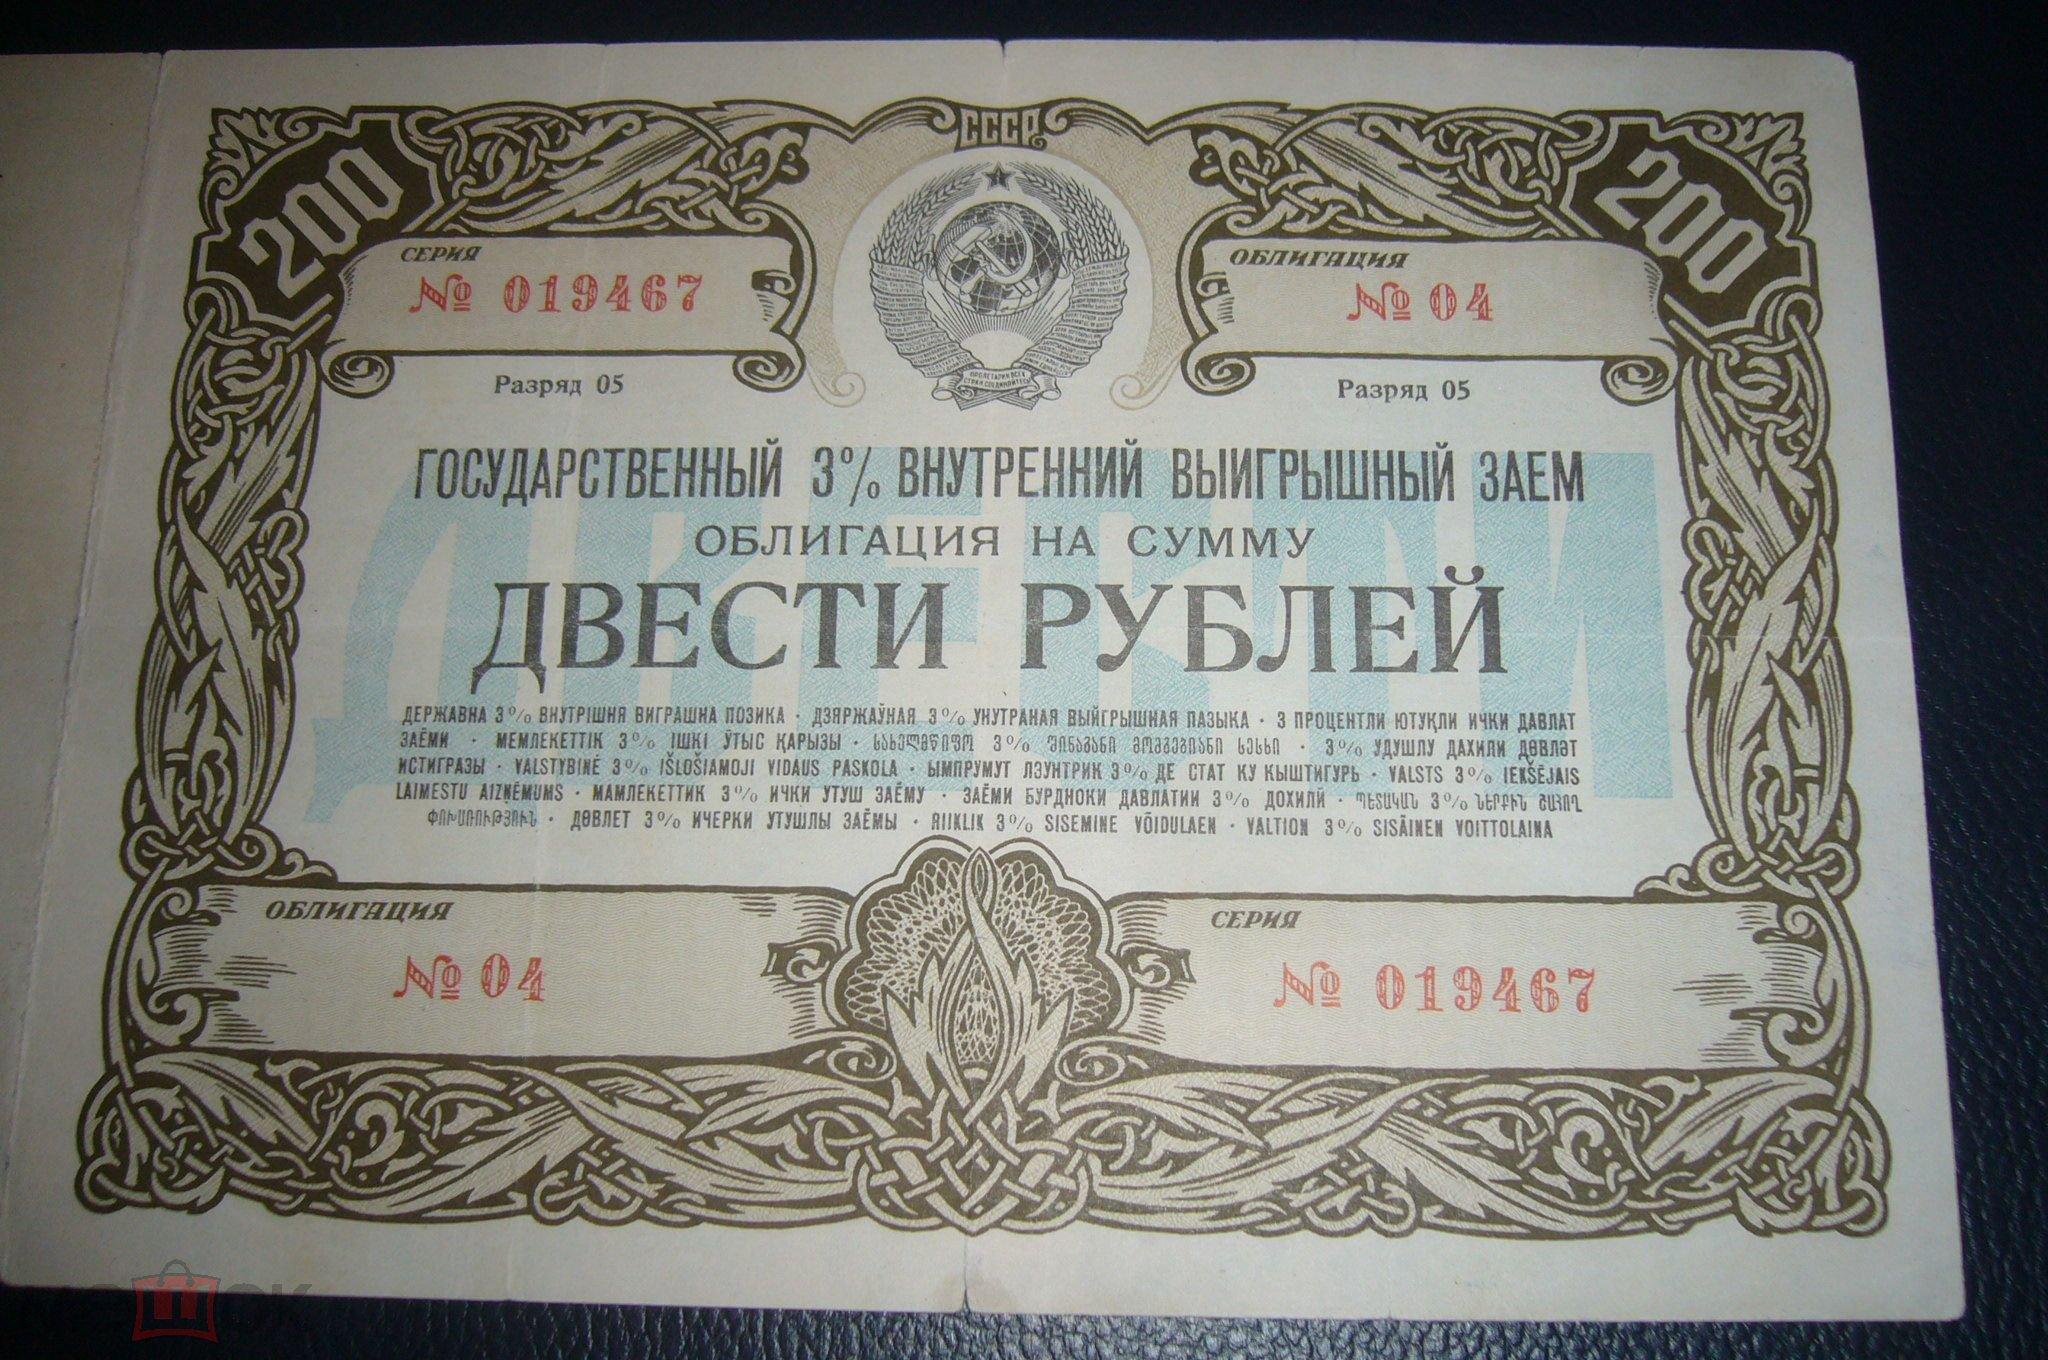 облигации государственного внутреннего выигрышного займа ссср